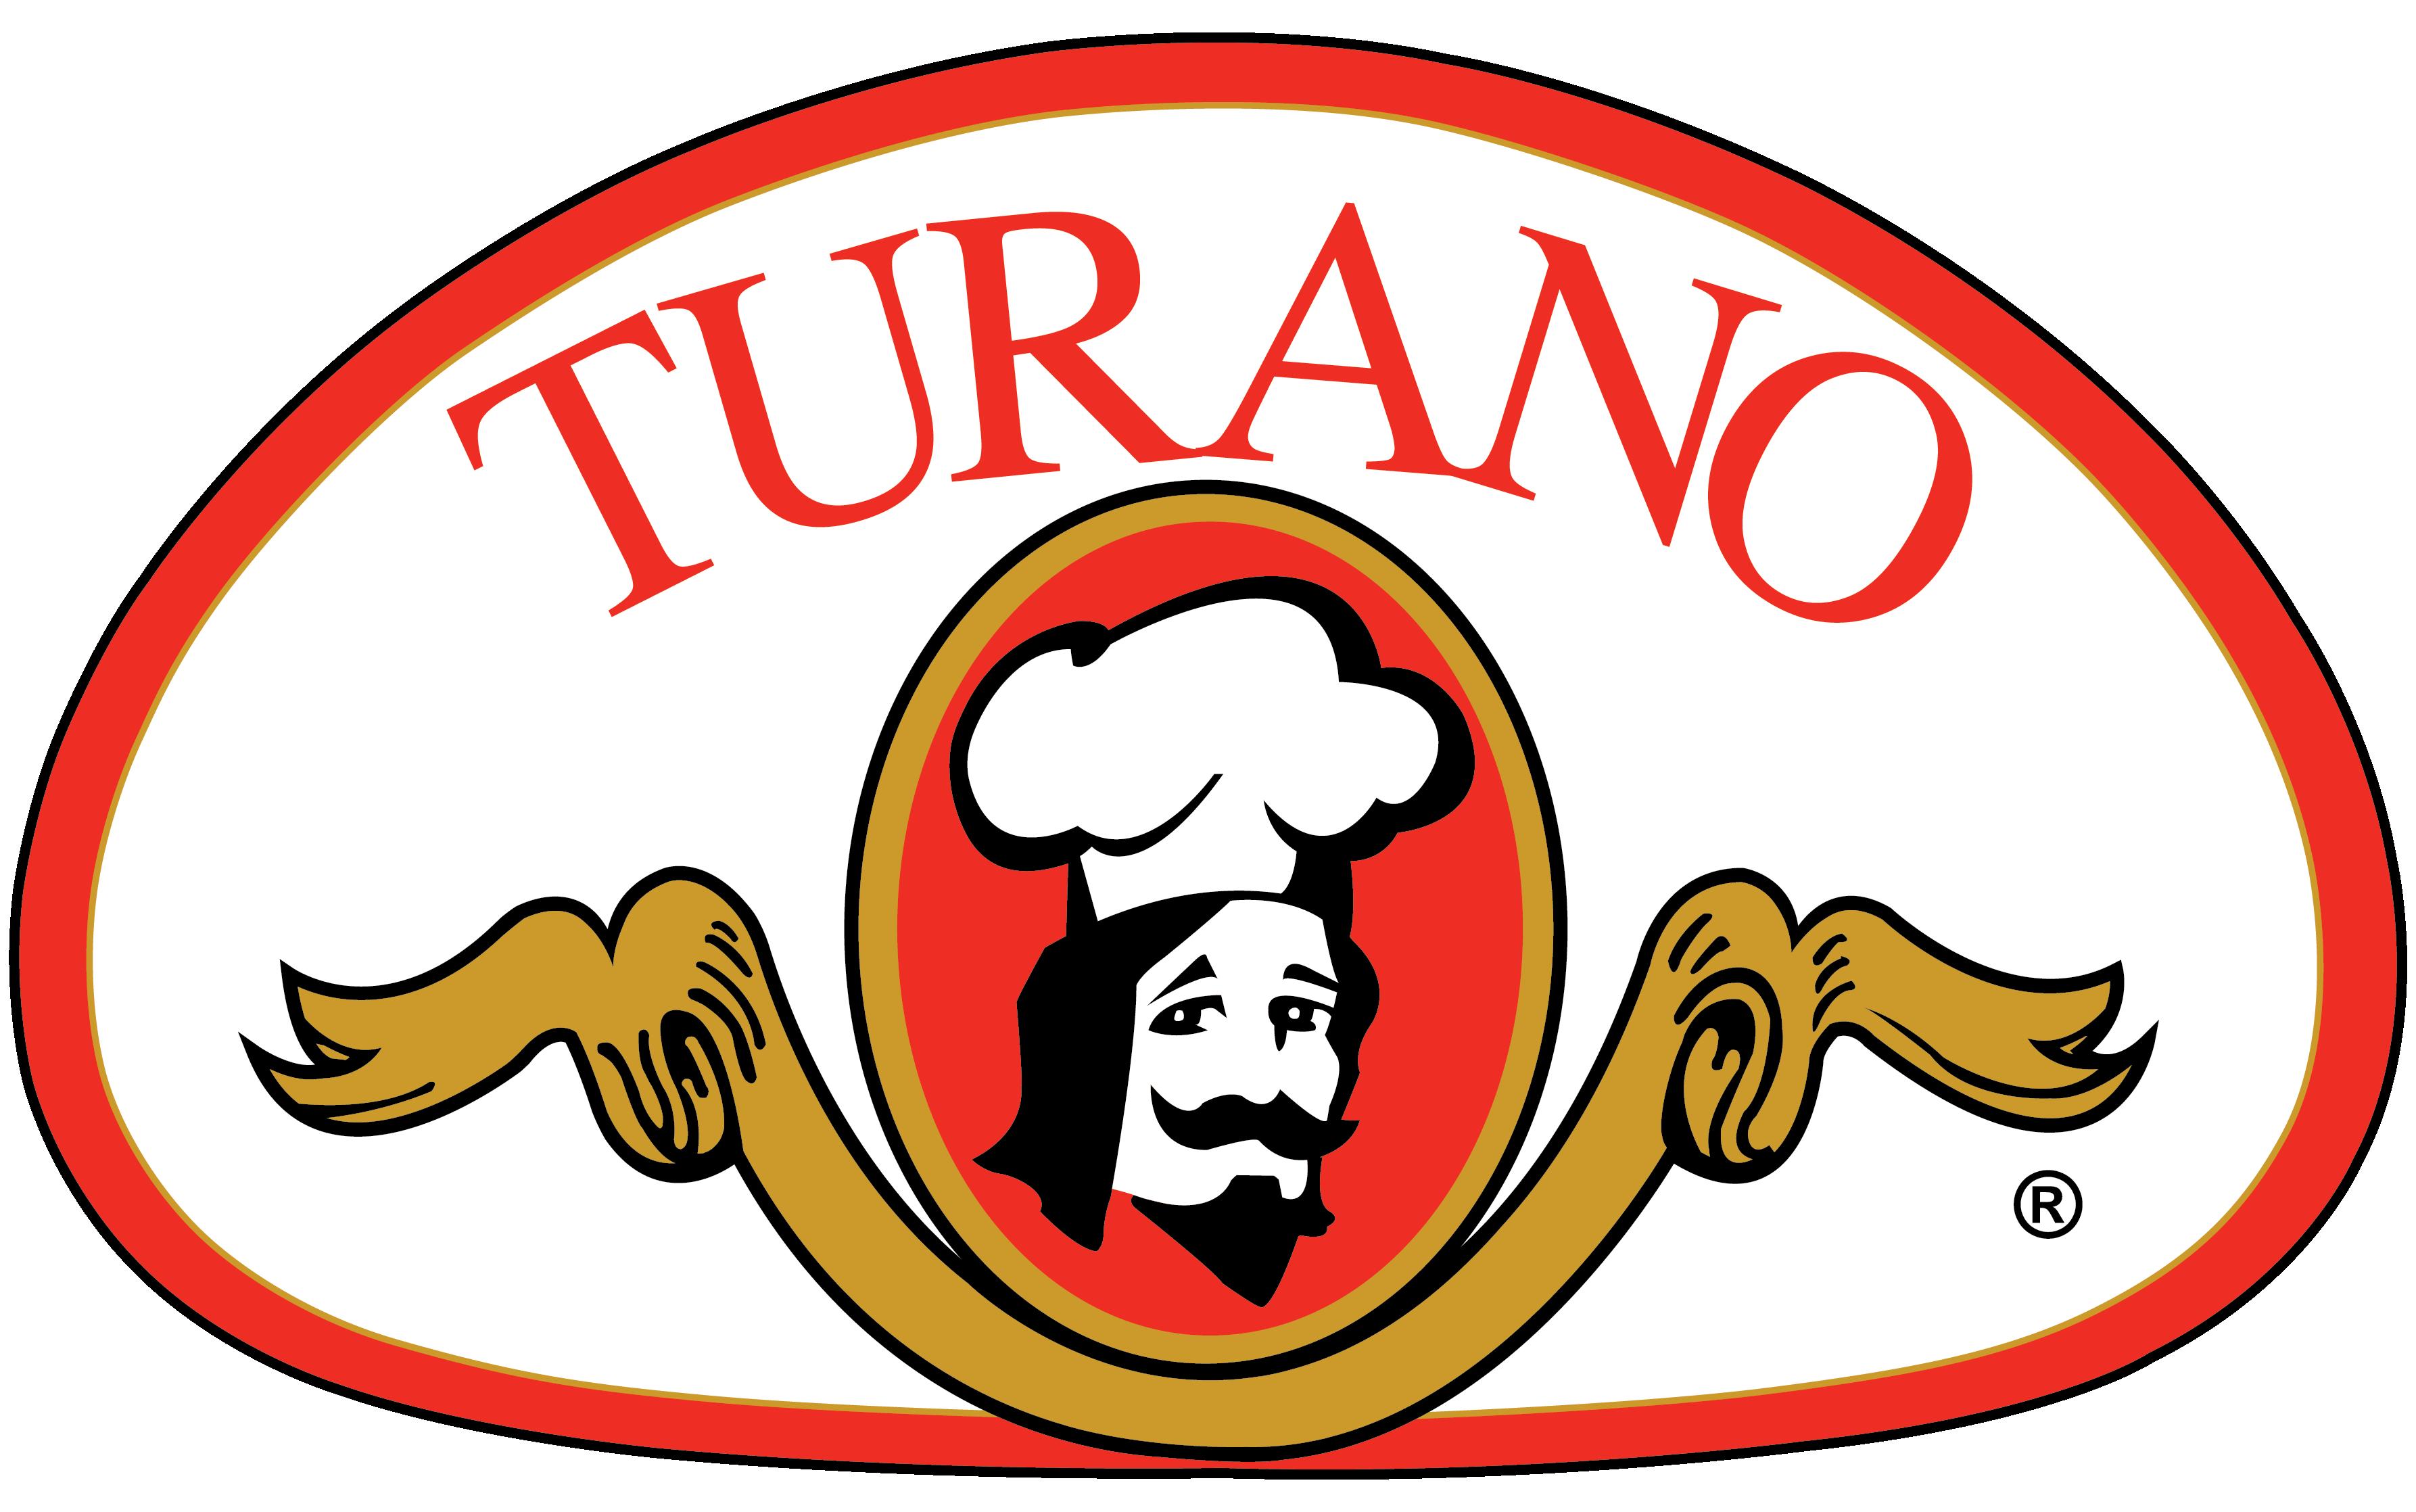 Turano-Logos@2x1